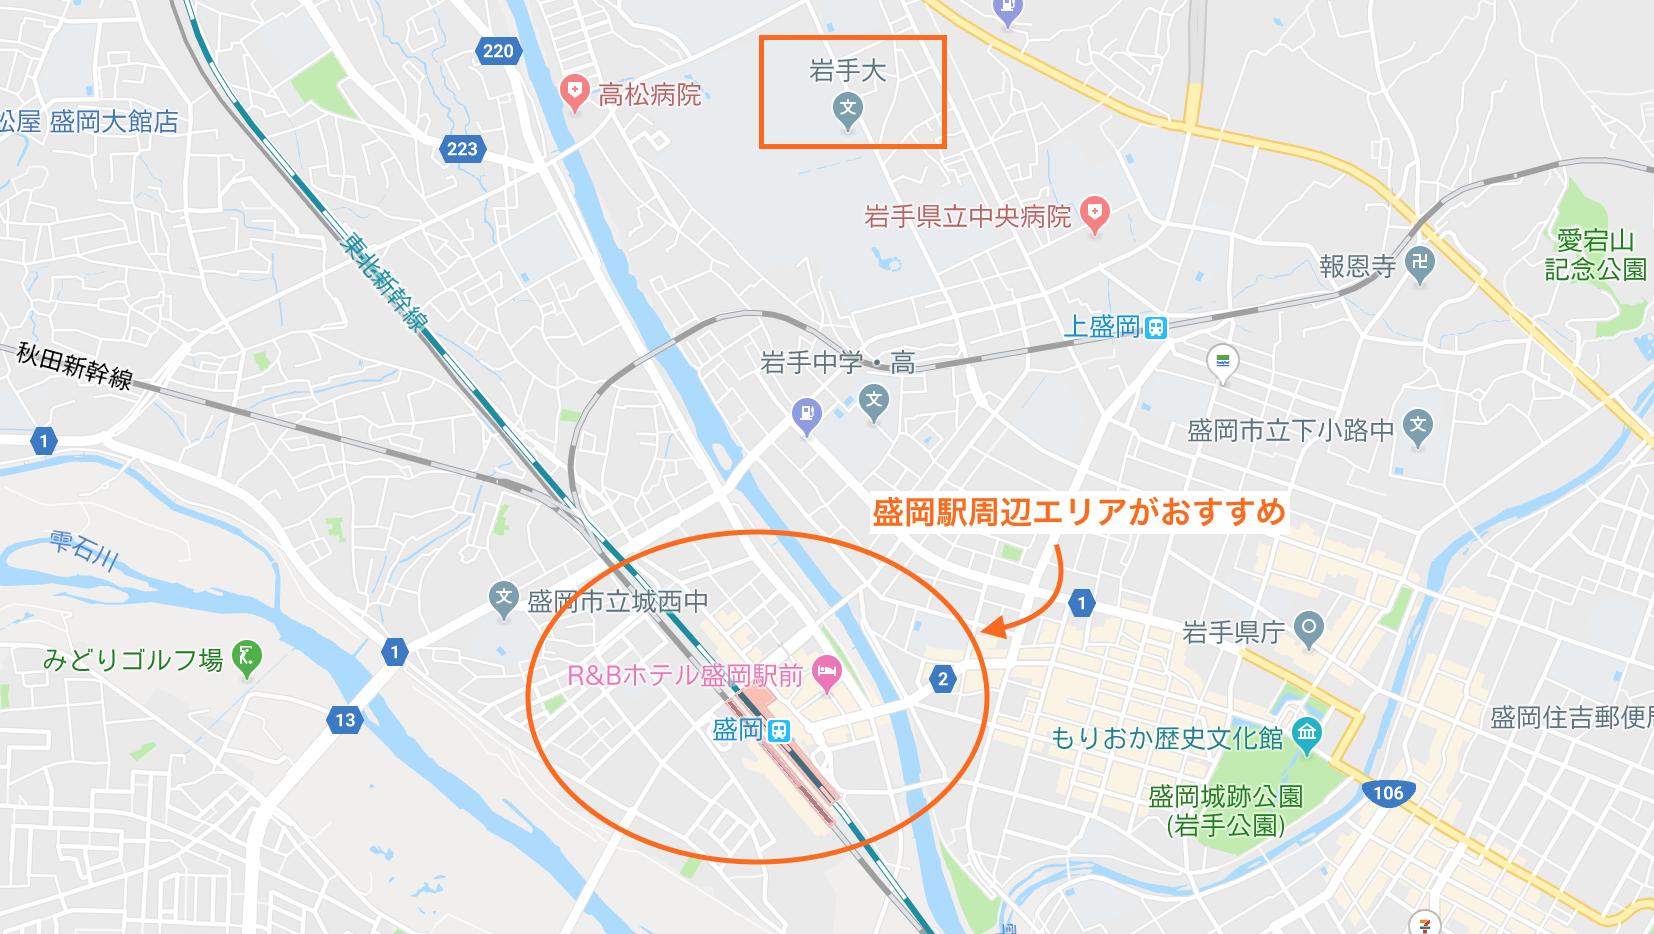 岩手大学の上田キャンパス周辺の宿泊エリア